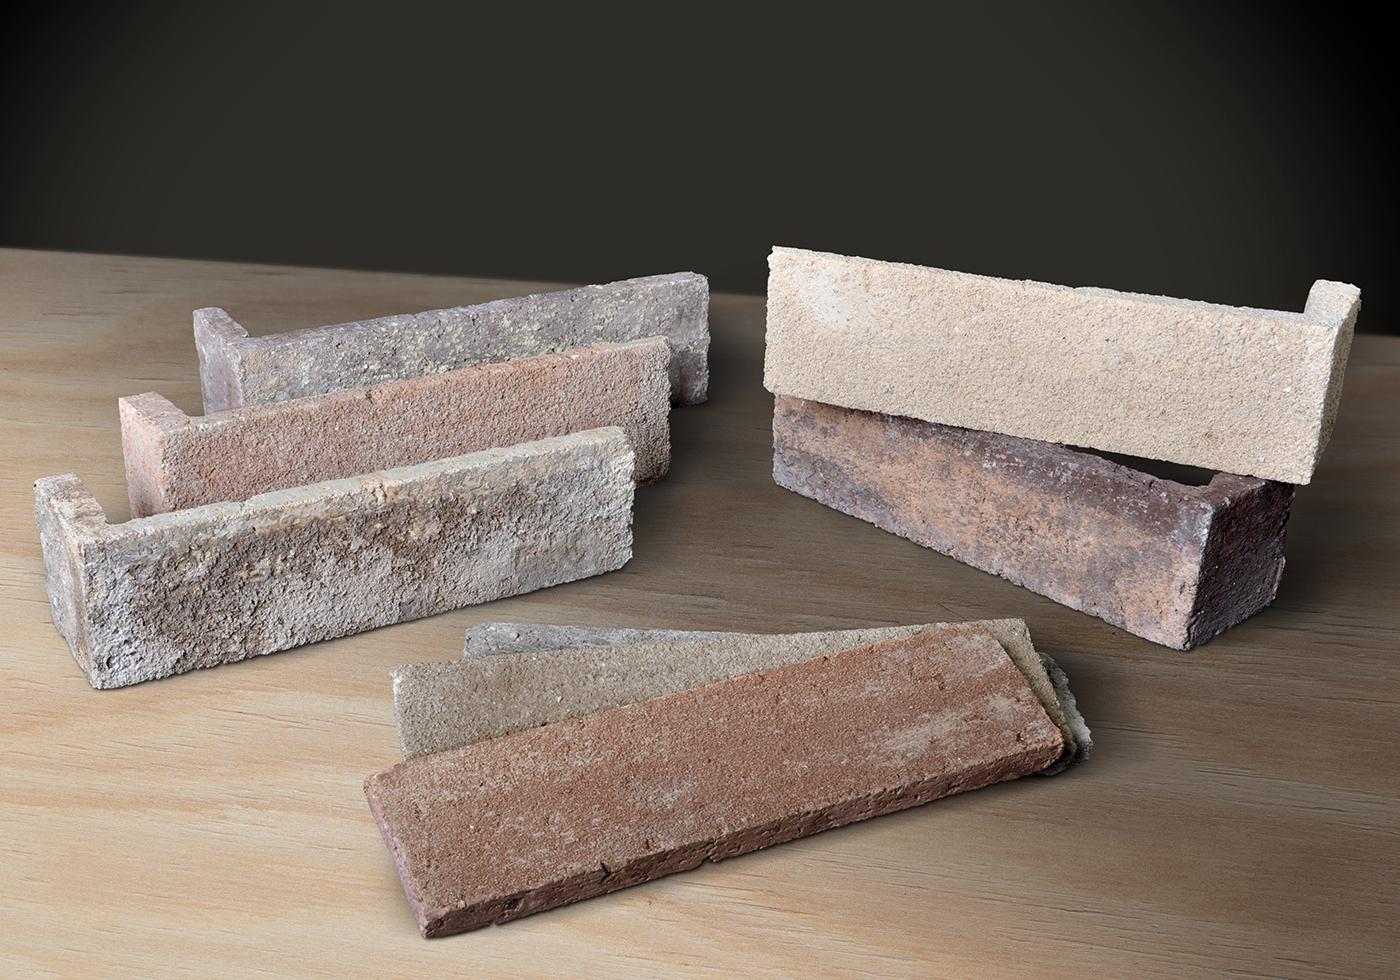 Bilco Thin Brick Veneer